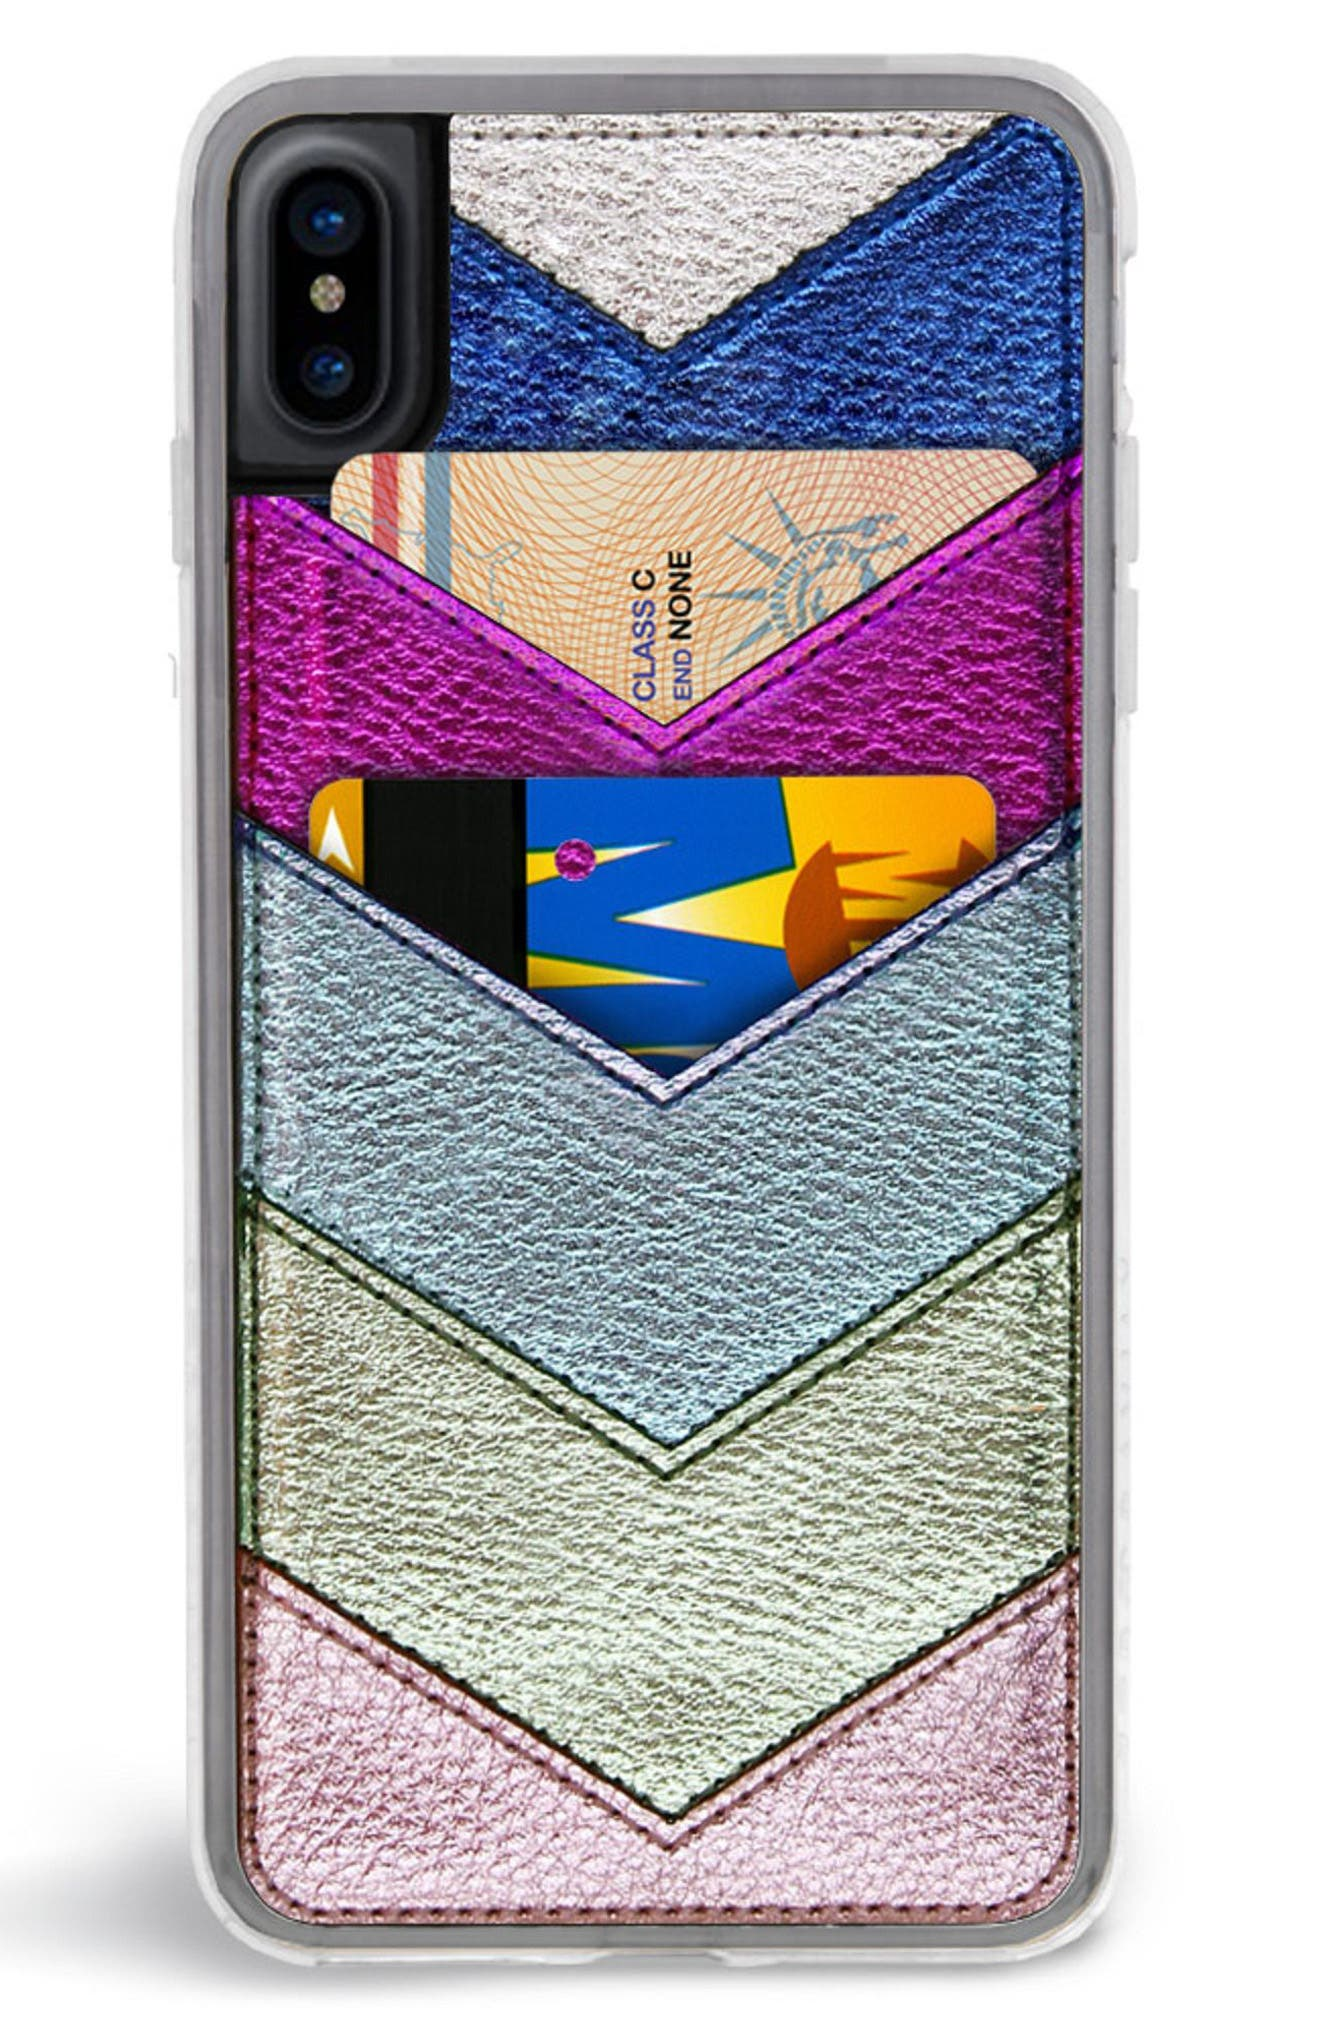 Chevron Faux Leather iPhone 6/6s/7/8 & 6/6s/7/8 Plus Case,                             Alternate thumbnail 4, color,                             650